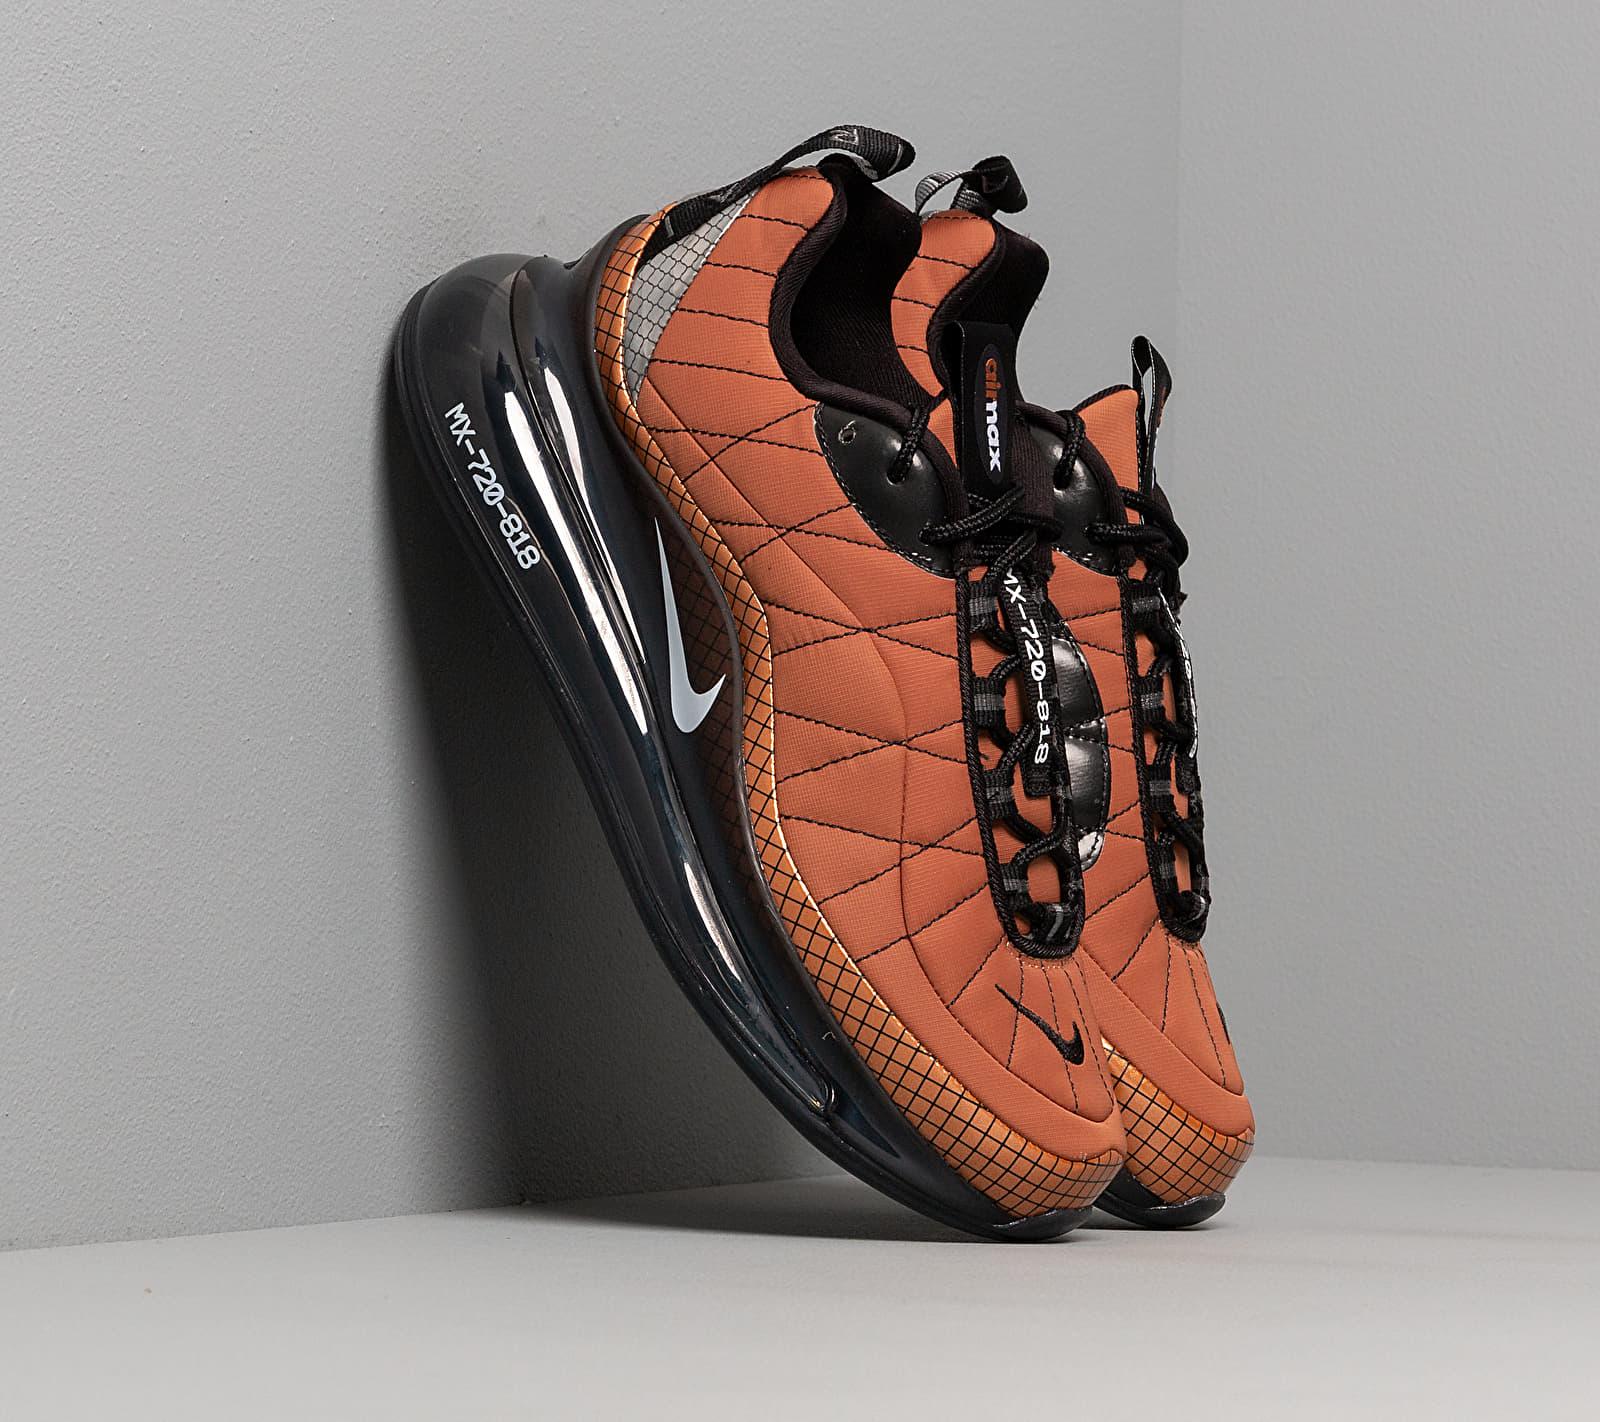 Nike W Mx-720-818 Metallic Copper/ White-Black-Anthracite EUR 38.5